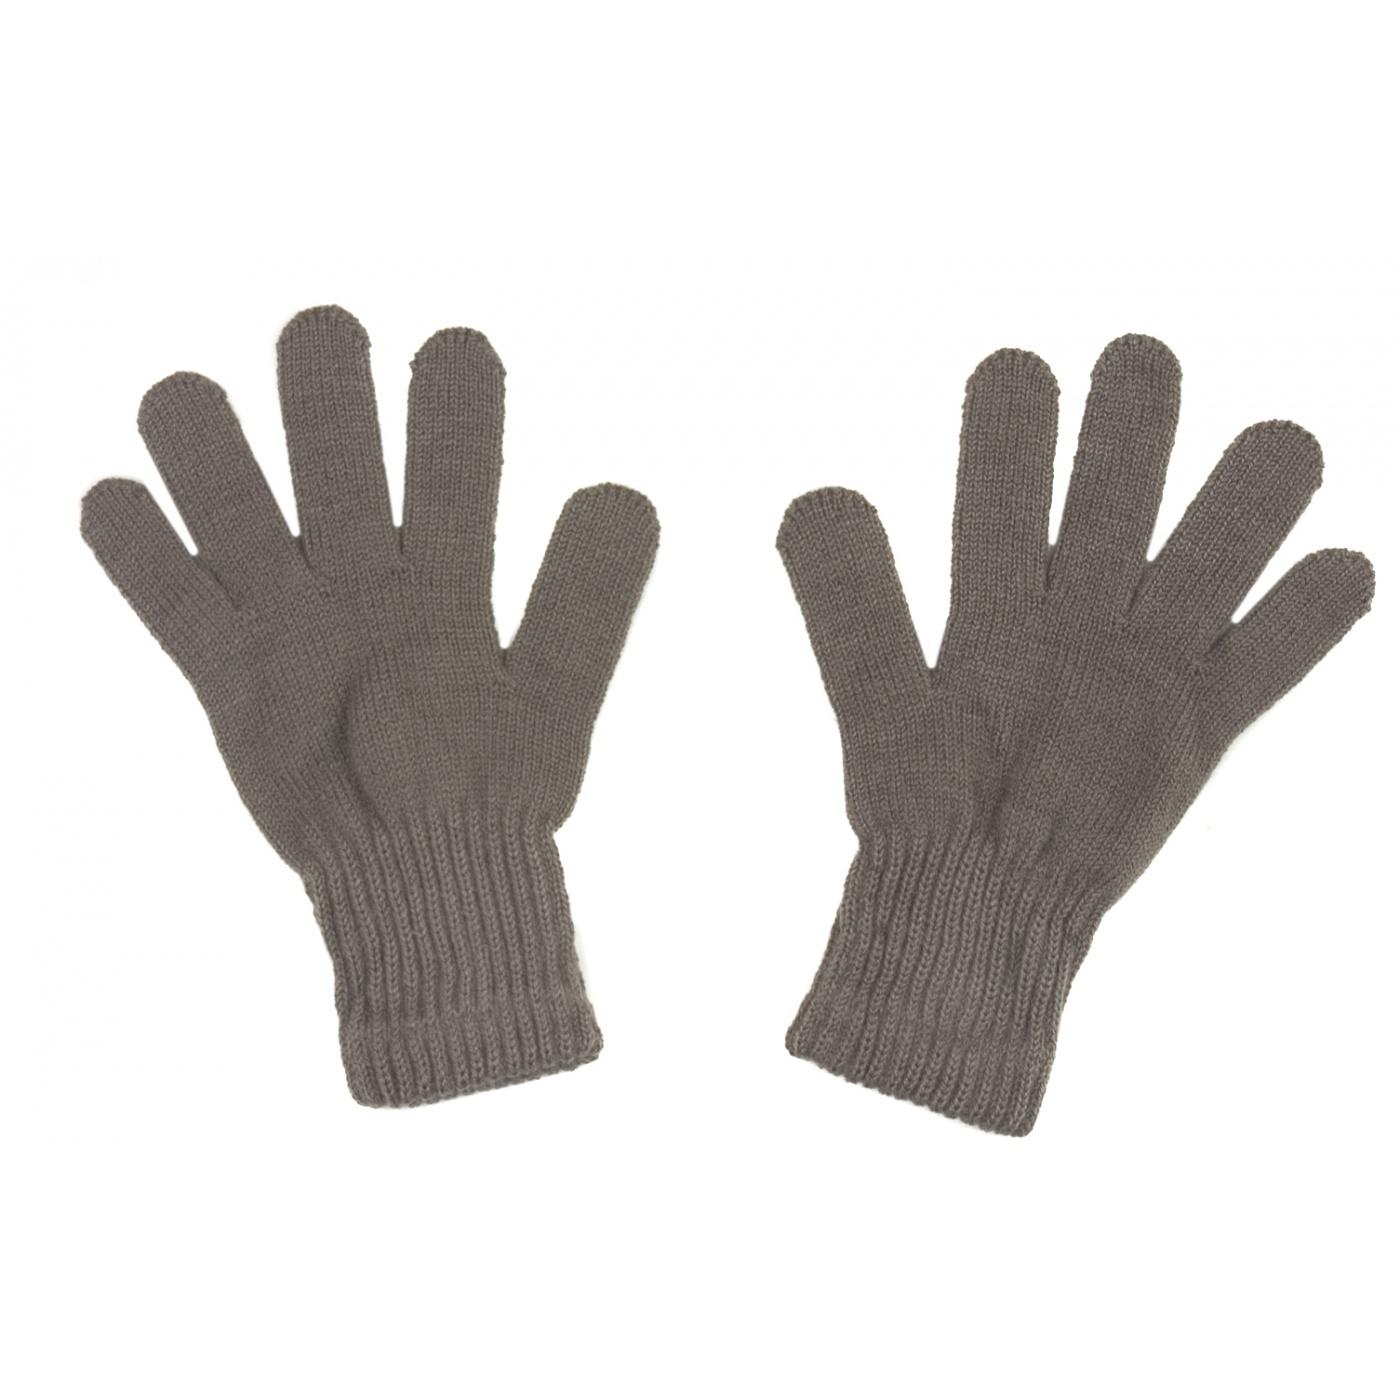 Damskie rękawiczki zimowe: cappuccino ciemne